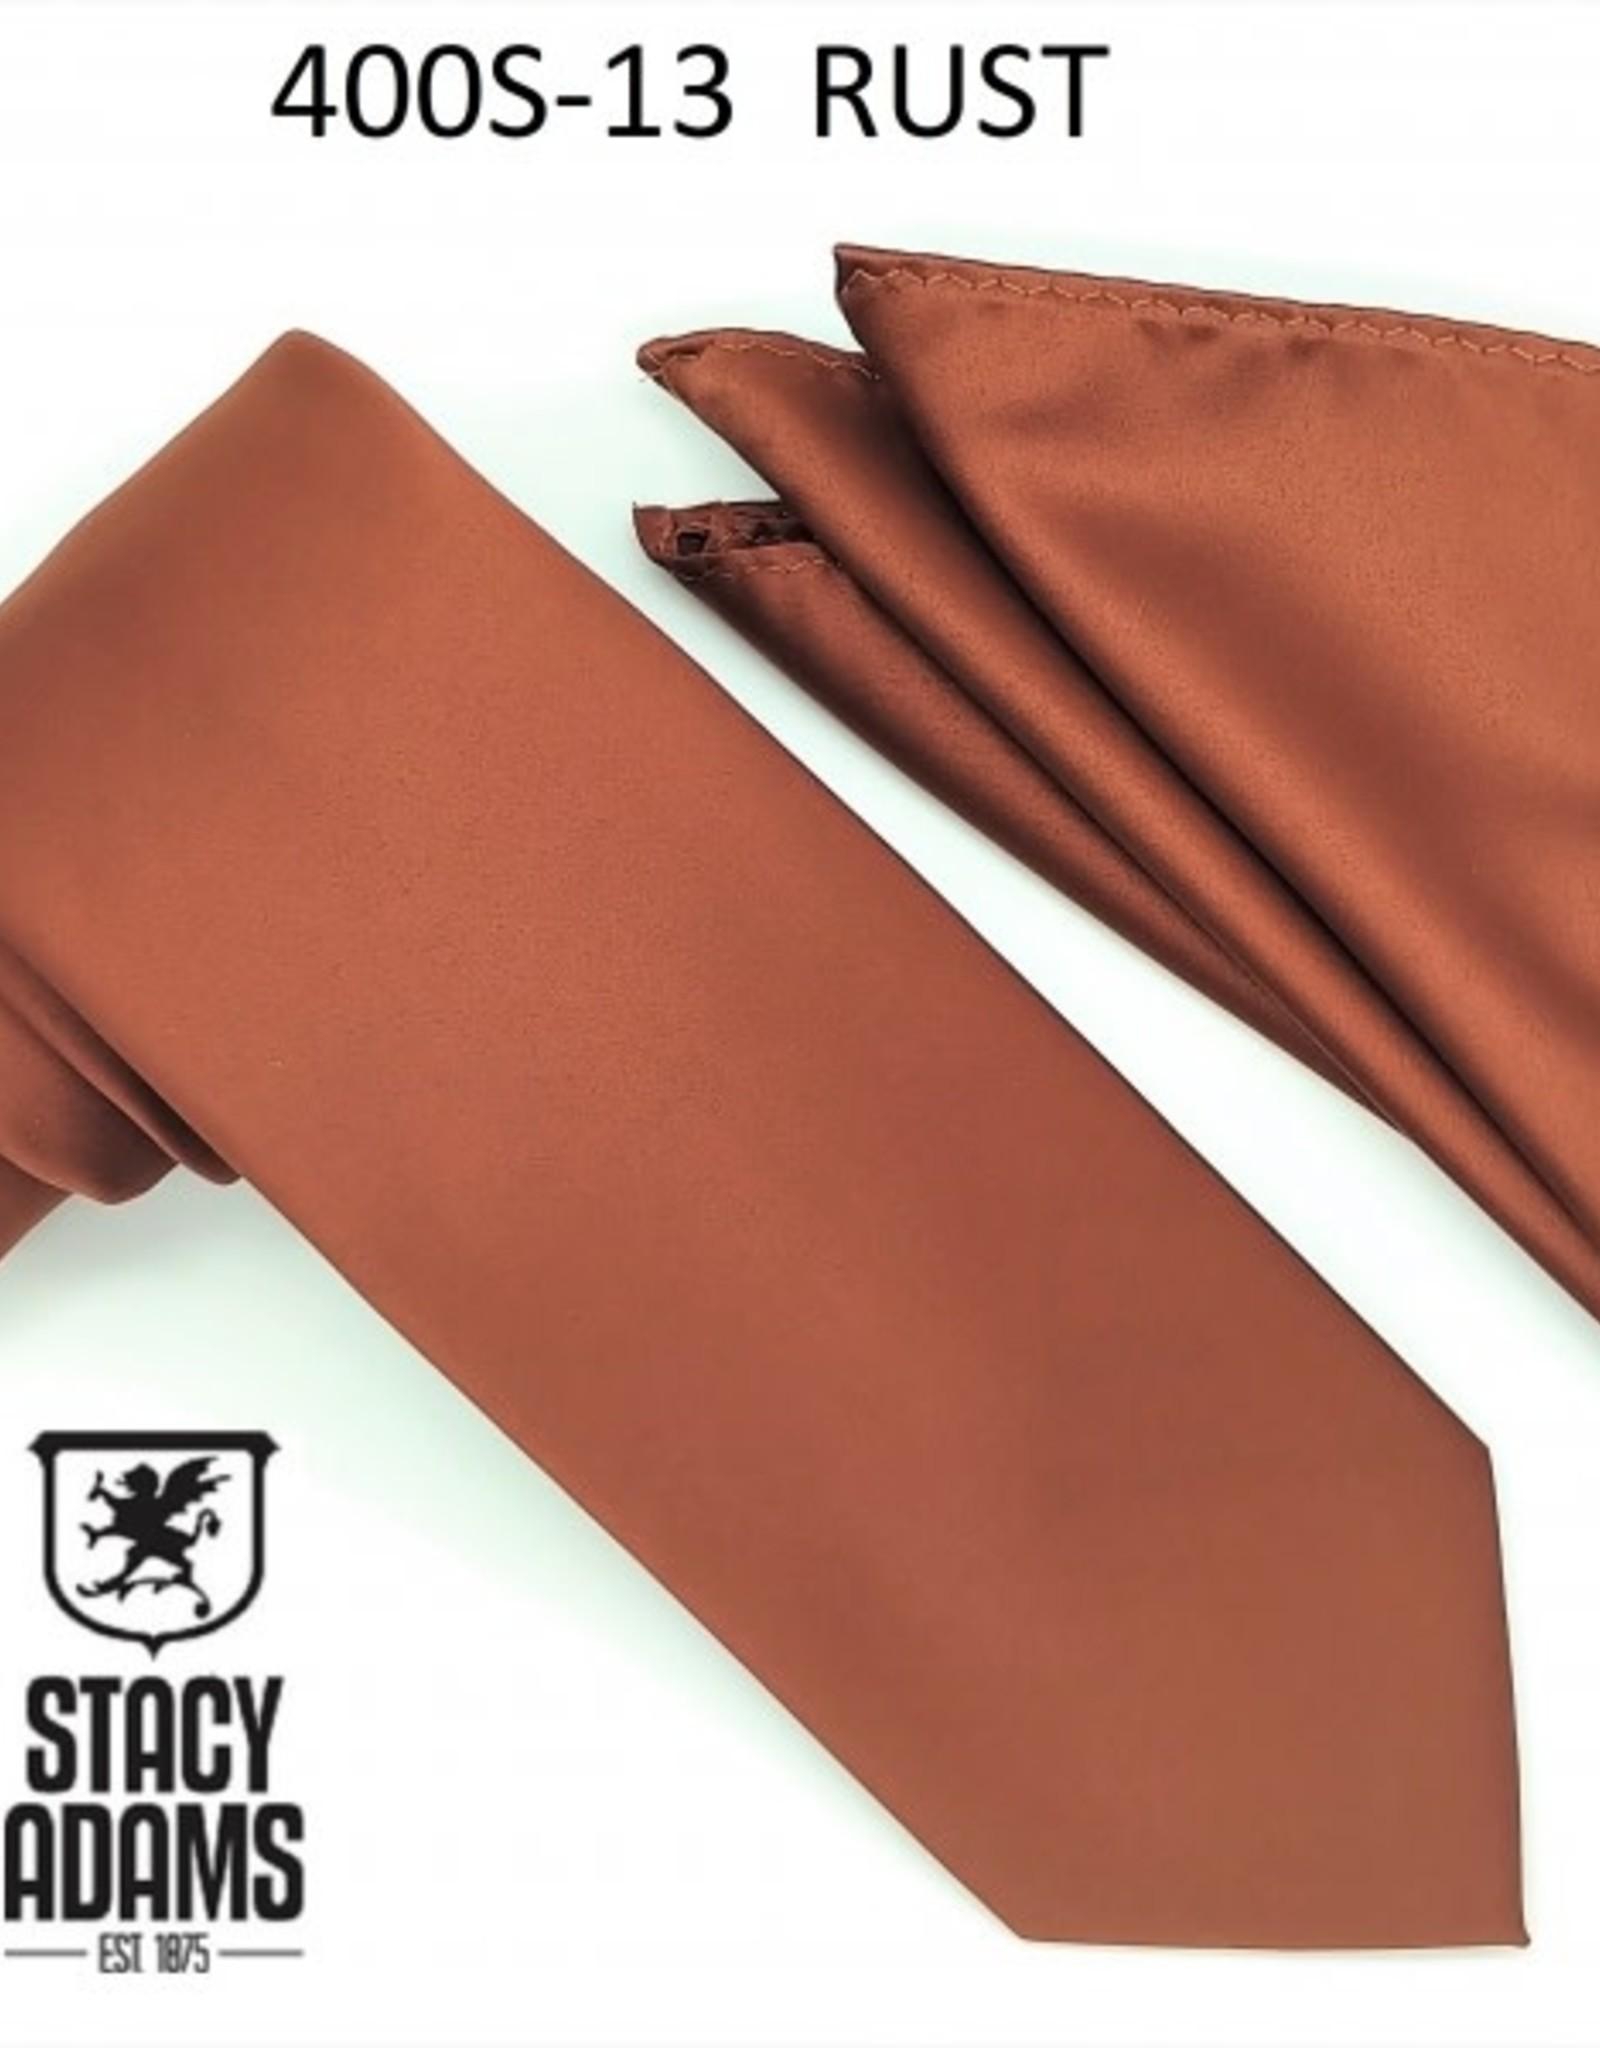 Stacy Adams Tie Stacy Adams Reg 400S-13 Rust